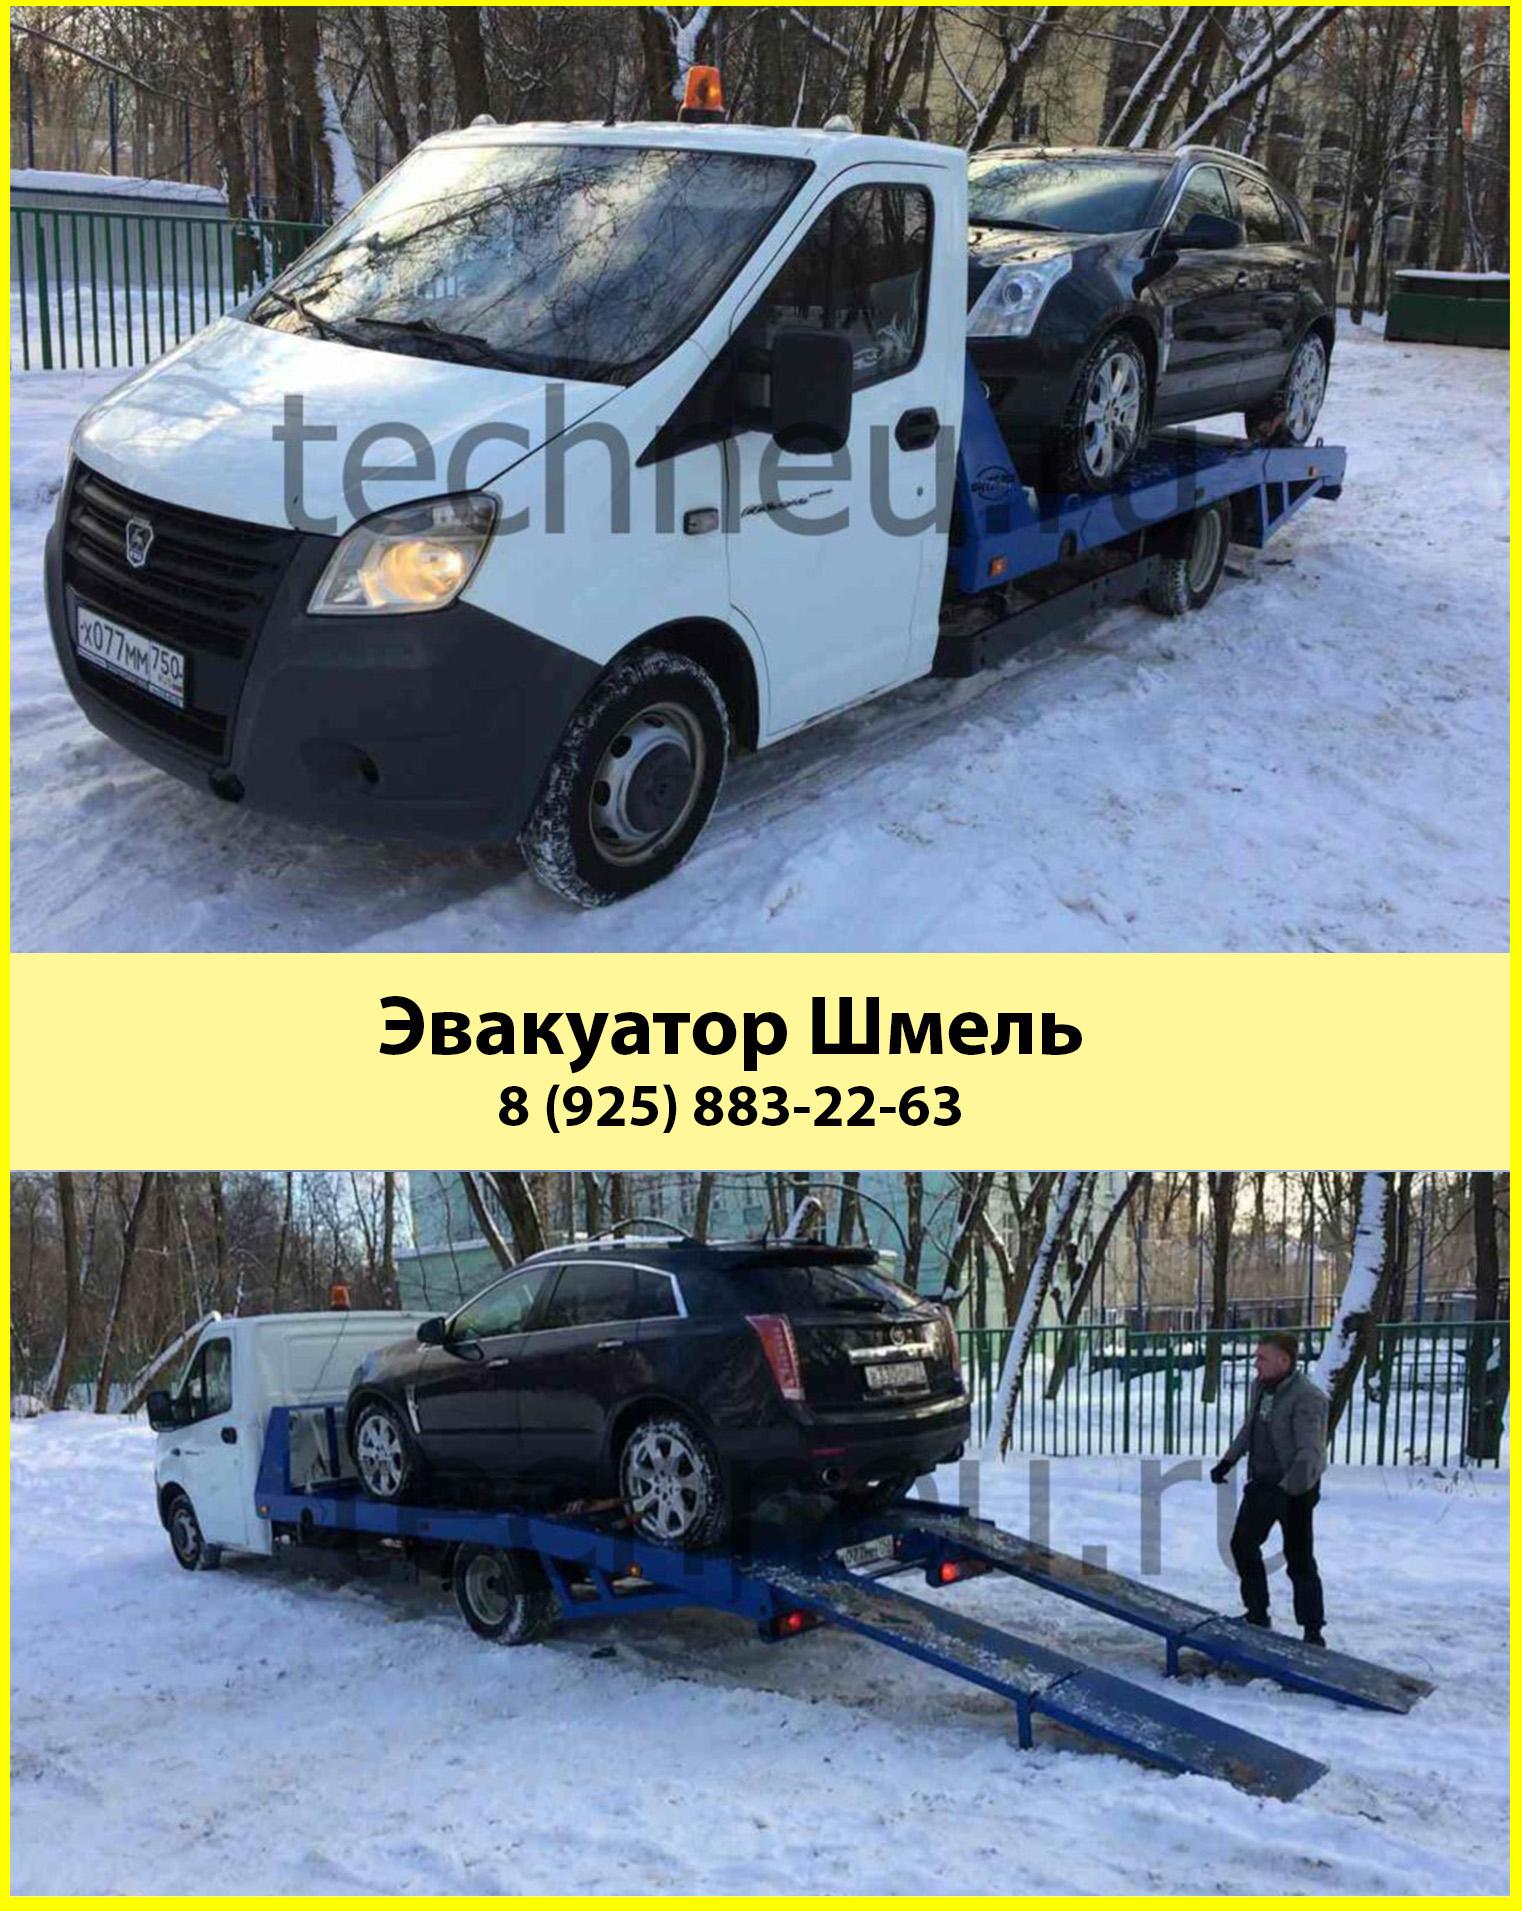 фото эвакуатора в ВАО Москвы